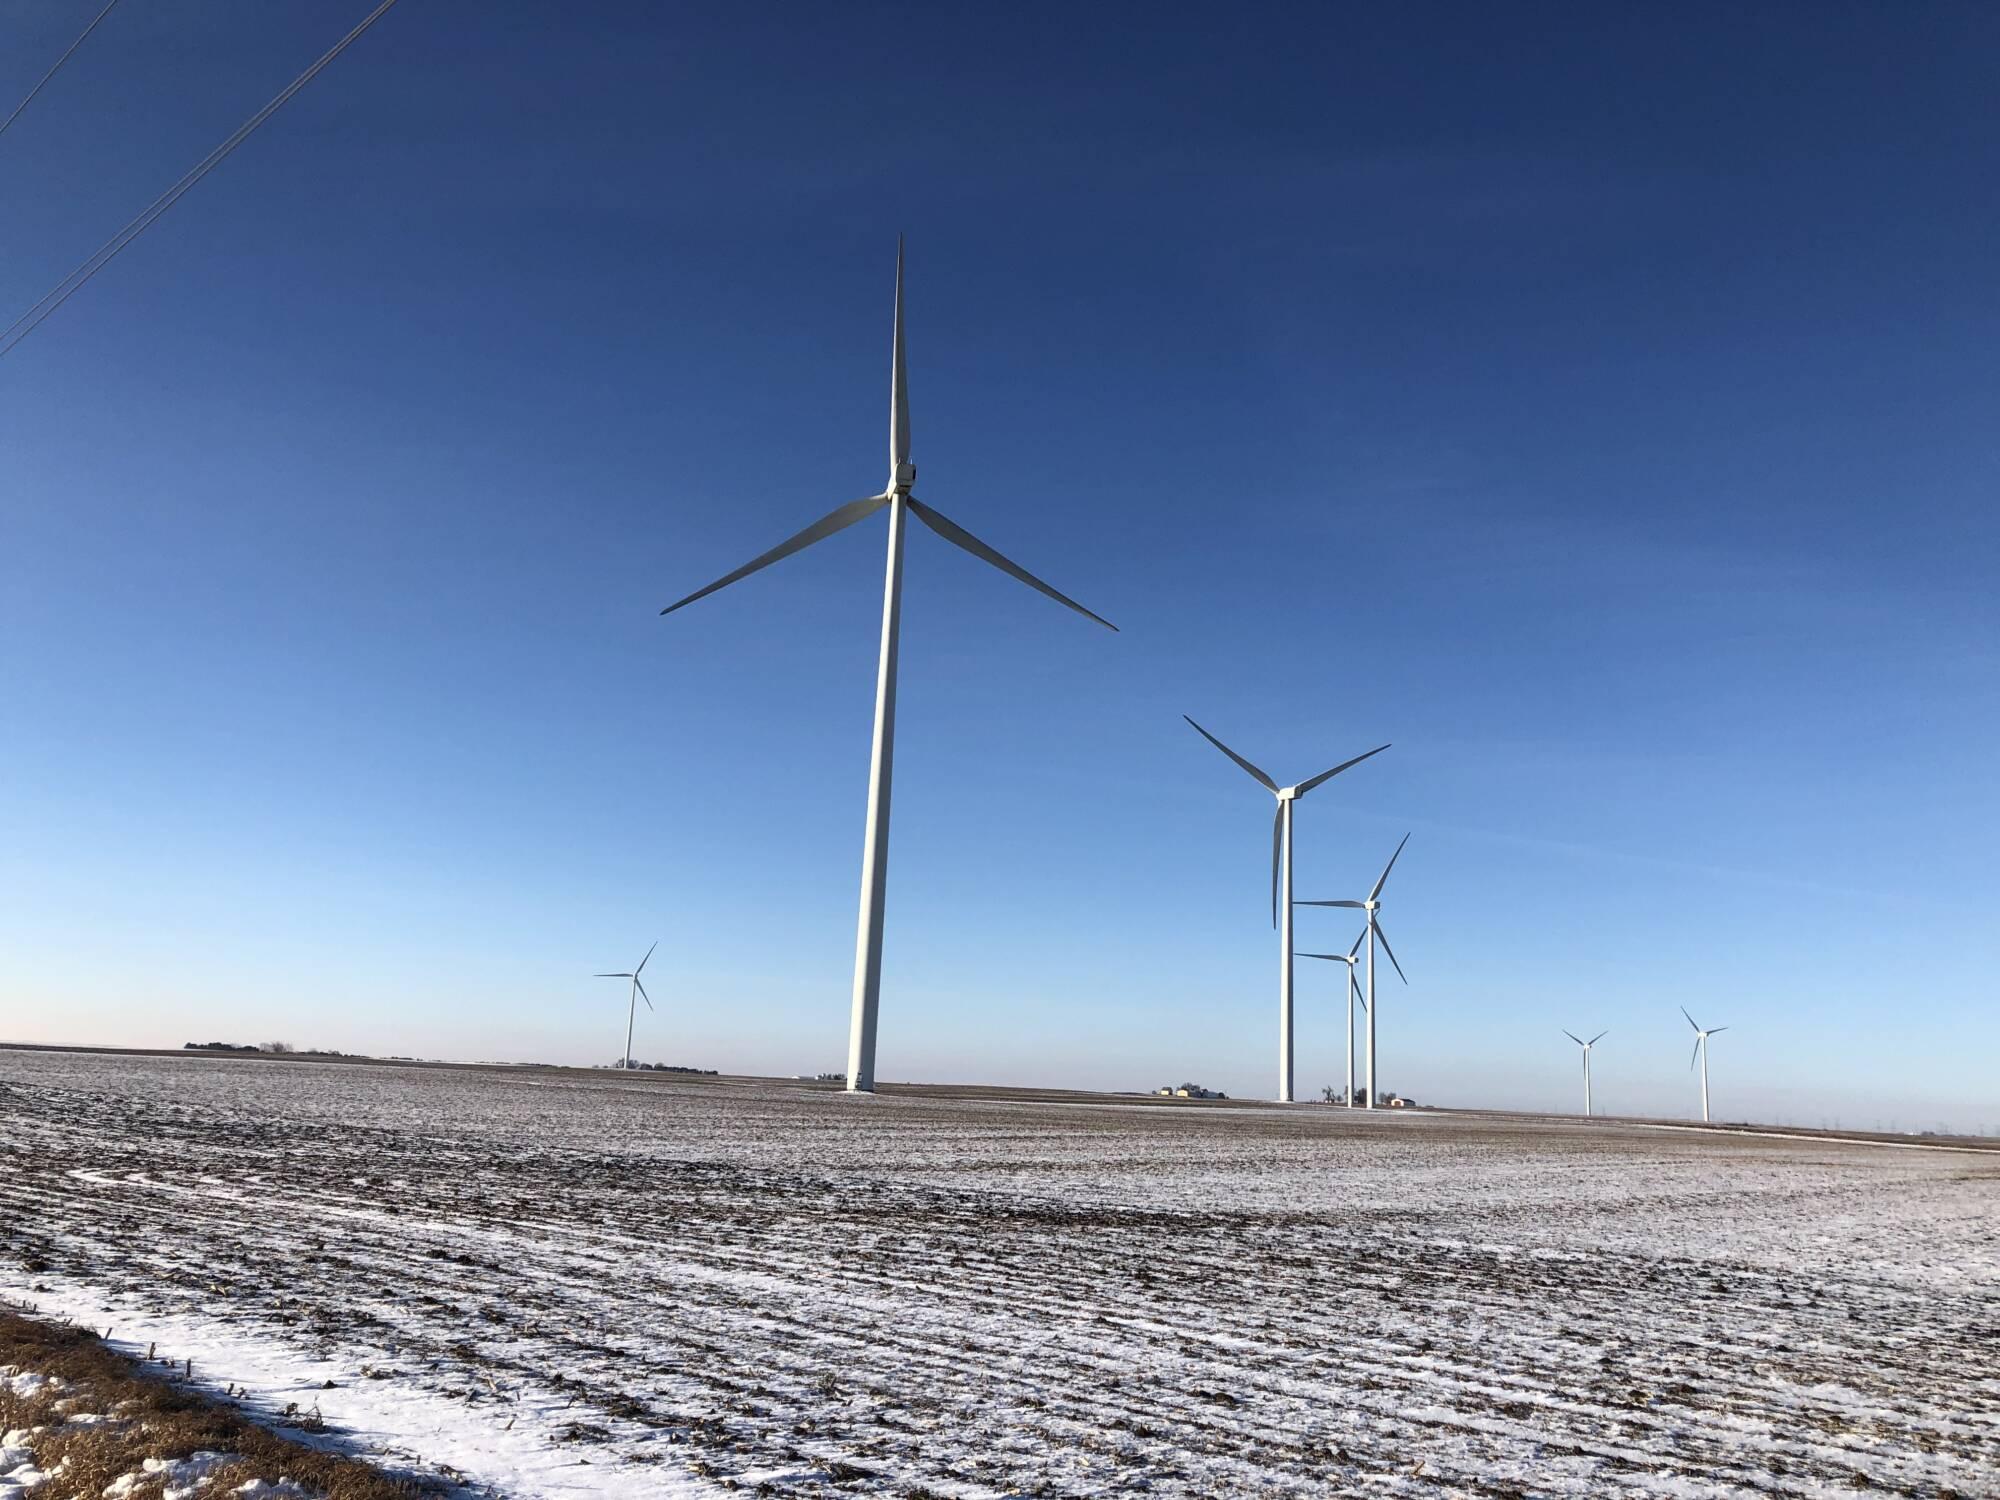 Field of Windmills